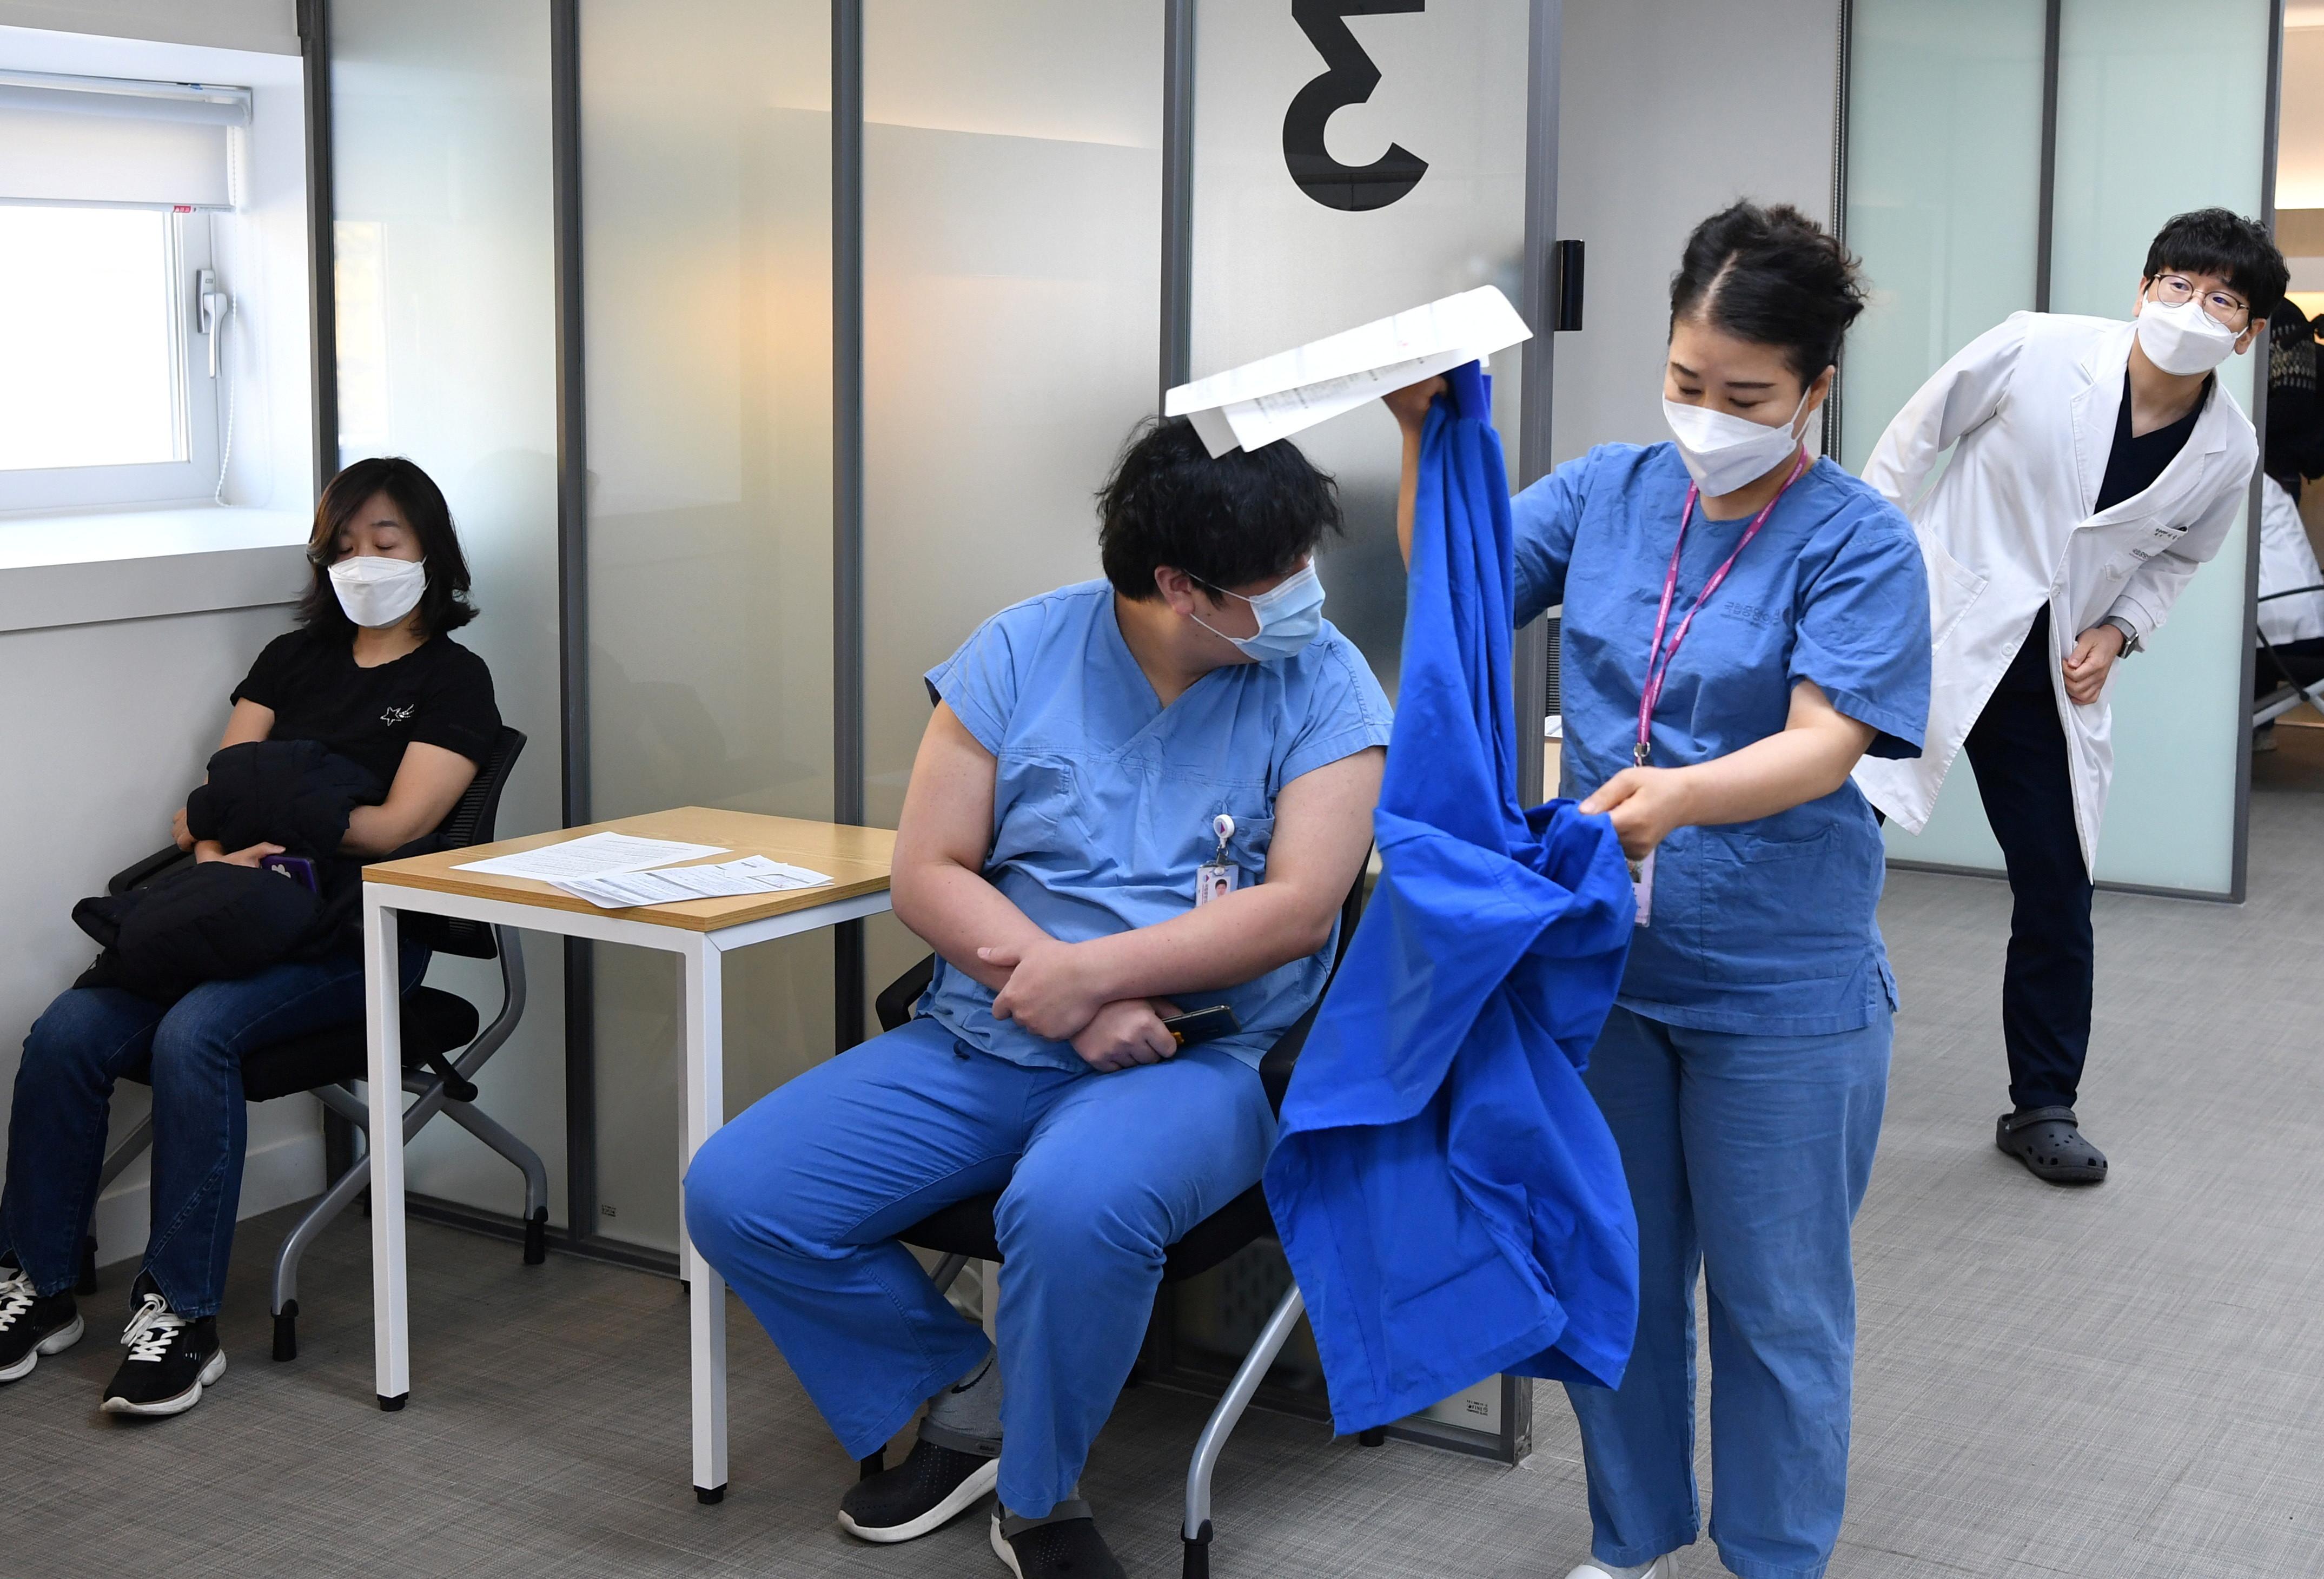 ▲▼首爾國立中央醫療院2名護理師,在接種輝瑞新冠疫苗後仍染疫。(示意圖/路透社)